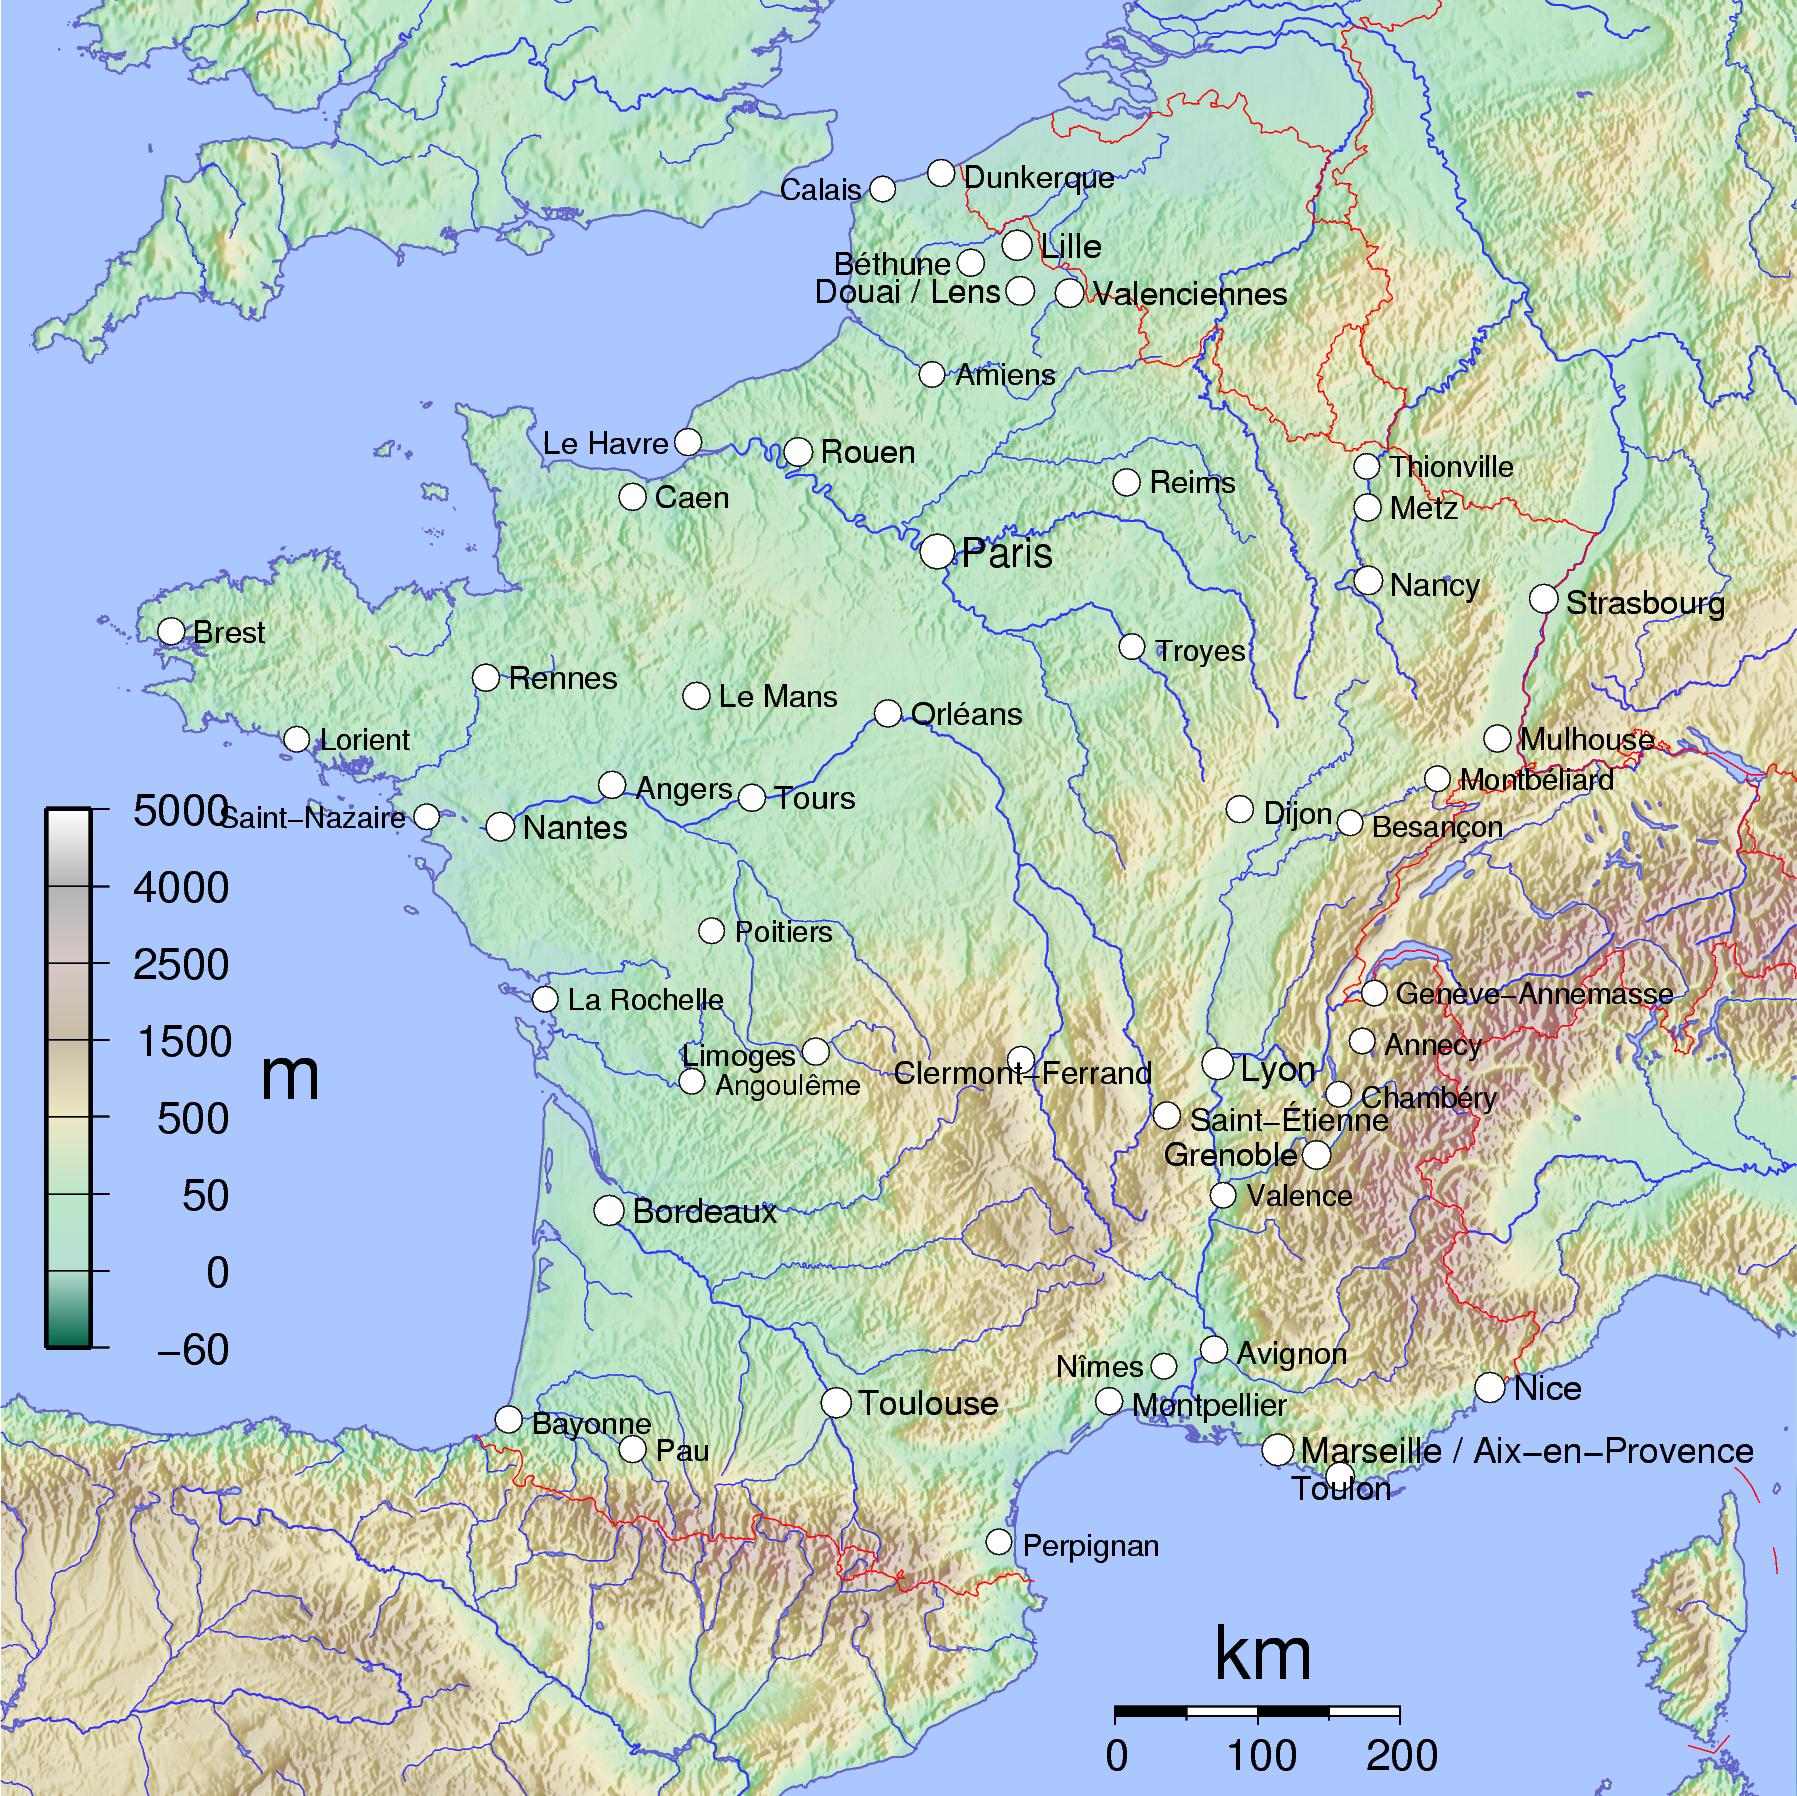 Cartes Des Villes Et Quiz - Cartes De France tout Voir La Carte De France